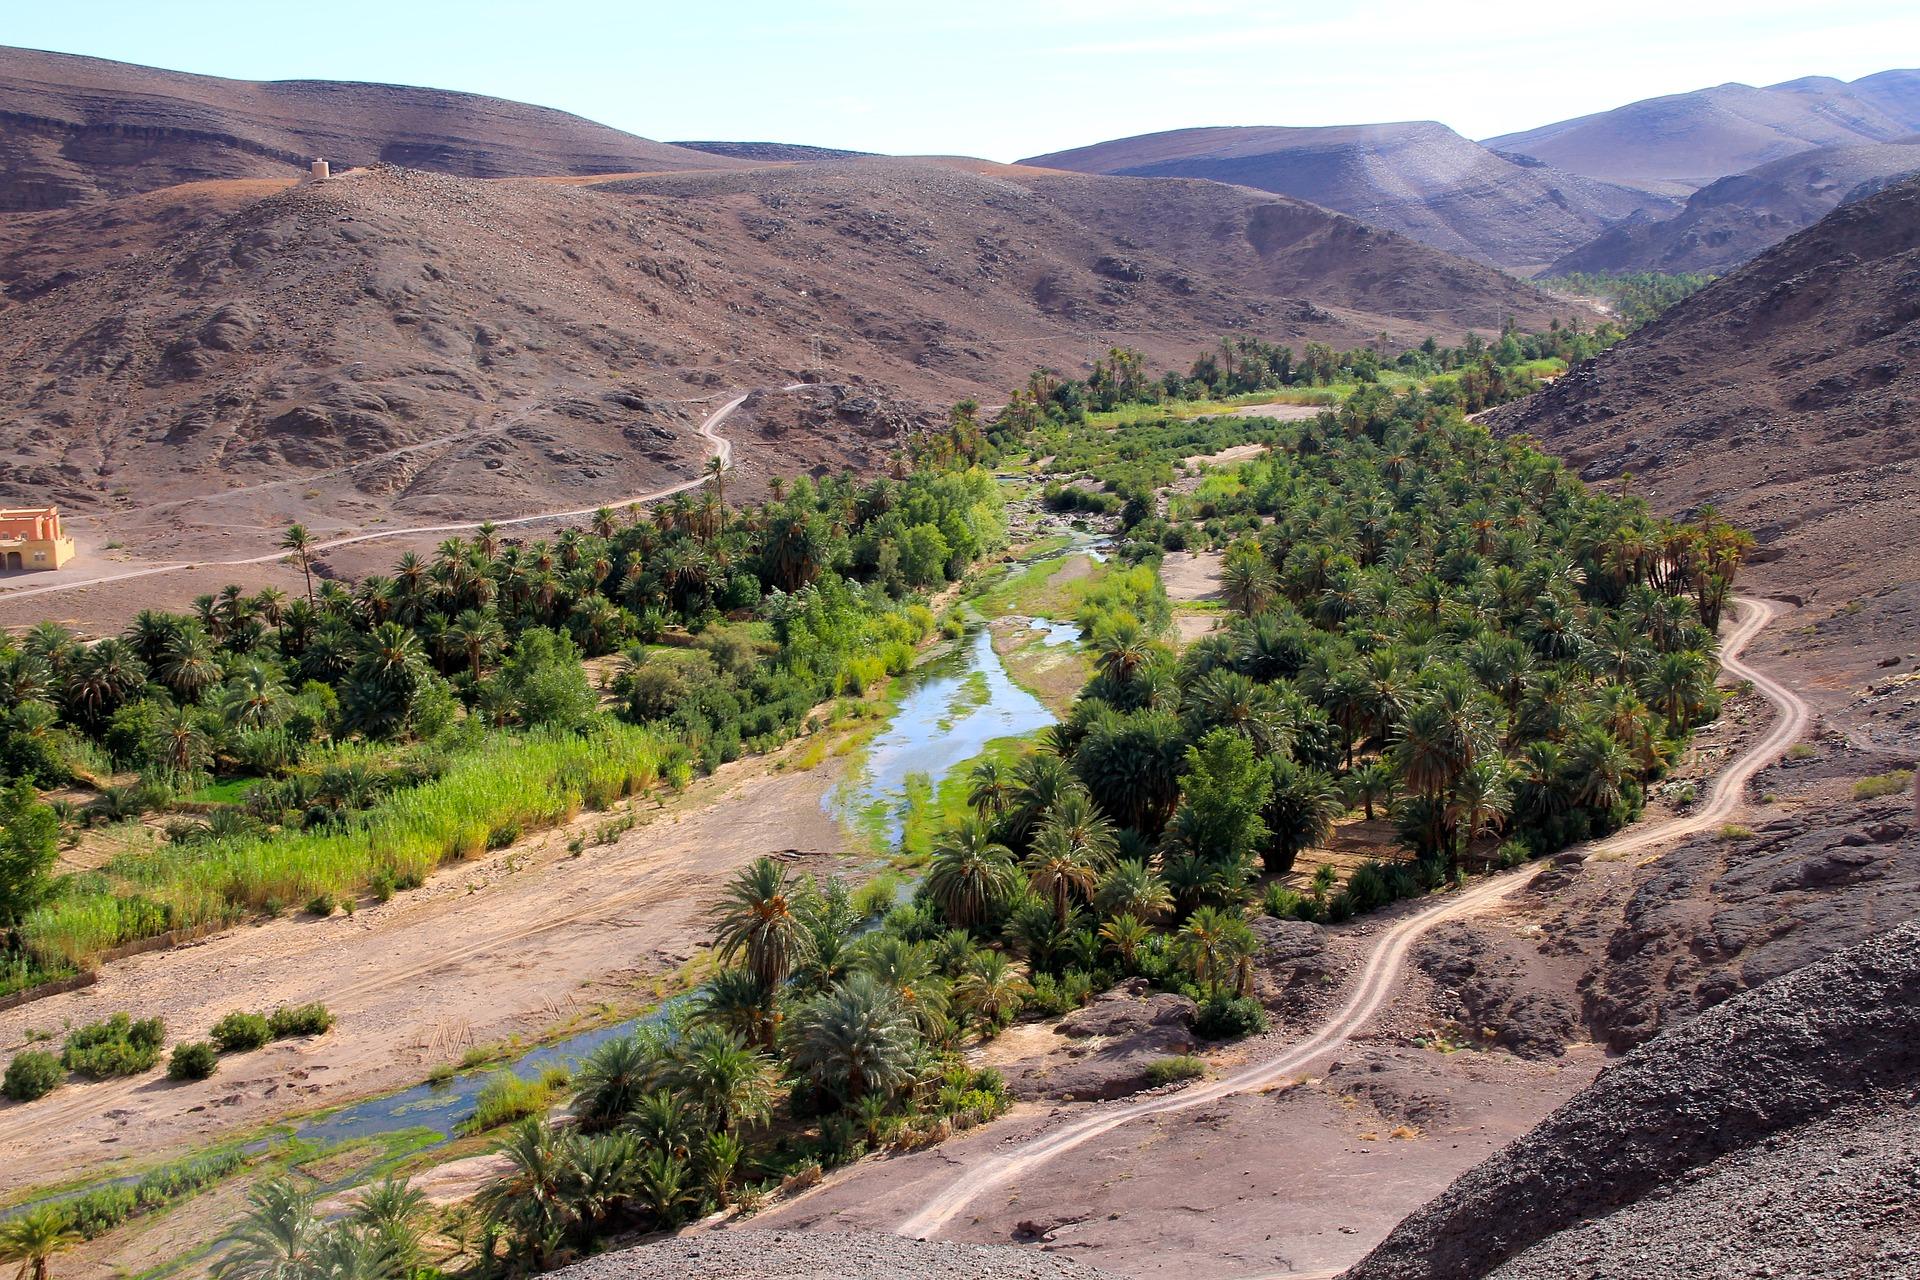 Landschaft in Marokko besichtigen während der Städtereise nach Marrakesch